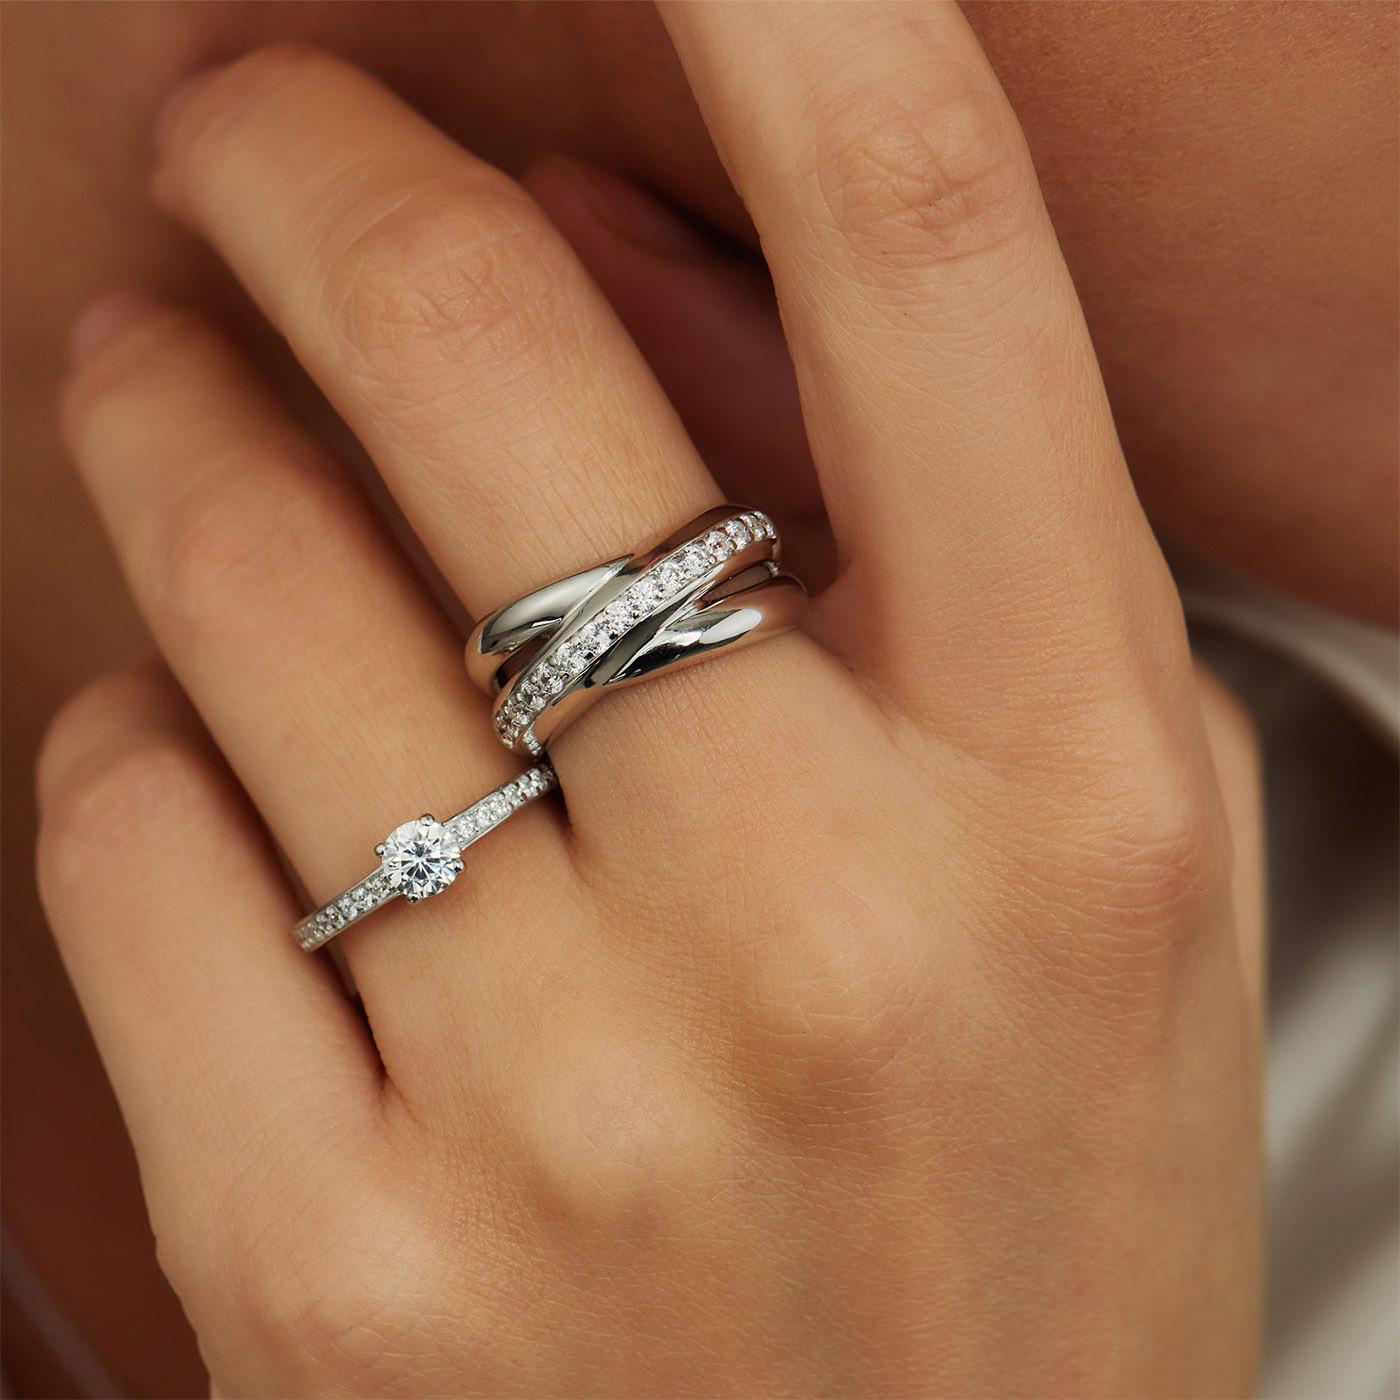 Parte Di Me 925 Sterling Zilveren La Fiore Ibisco Ring PDM1300003